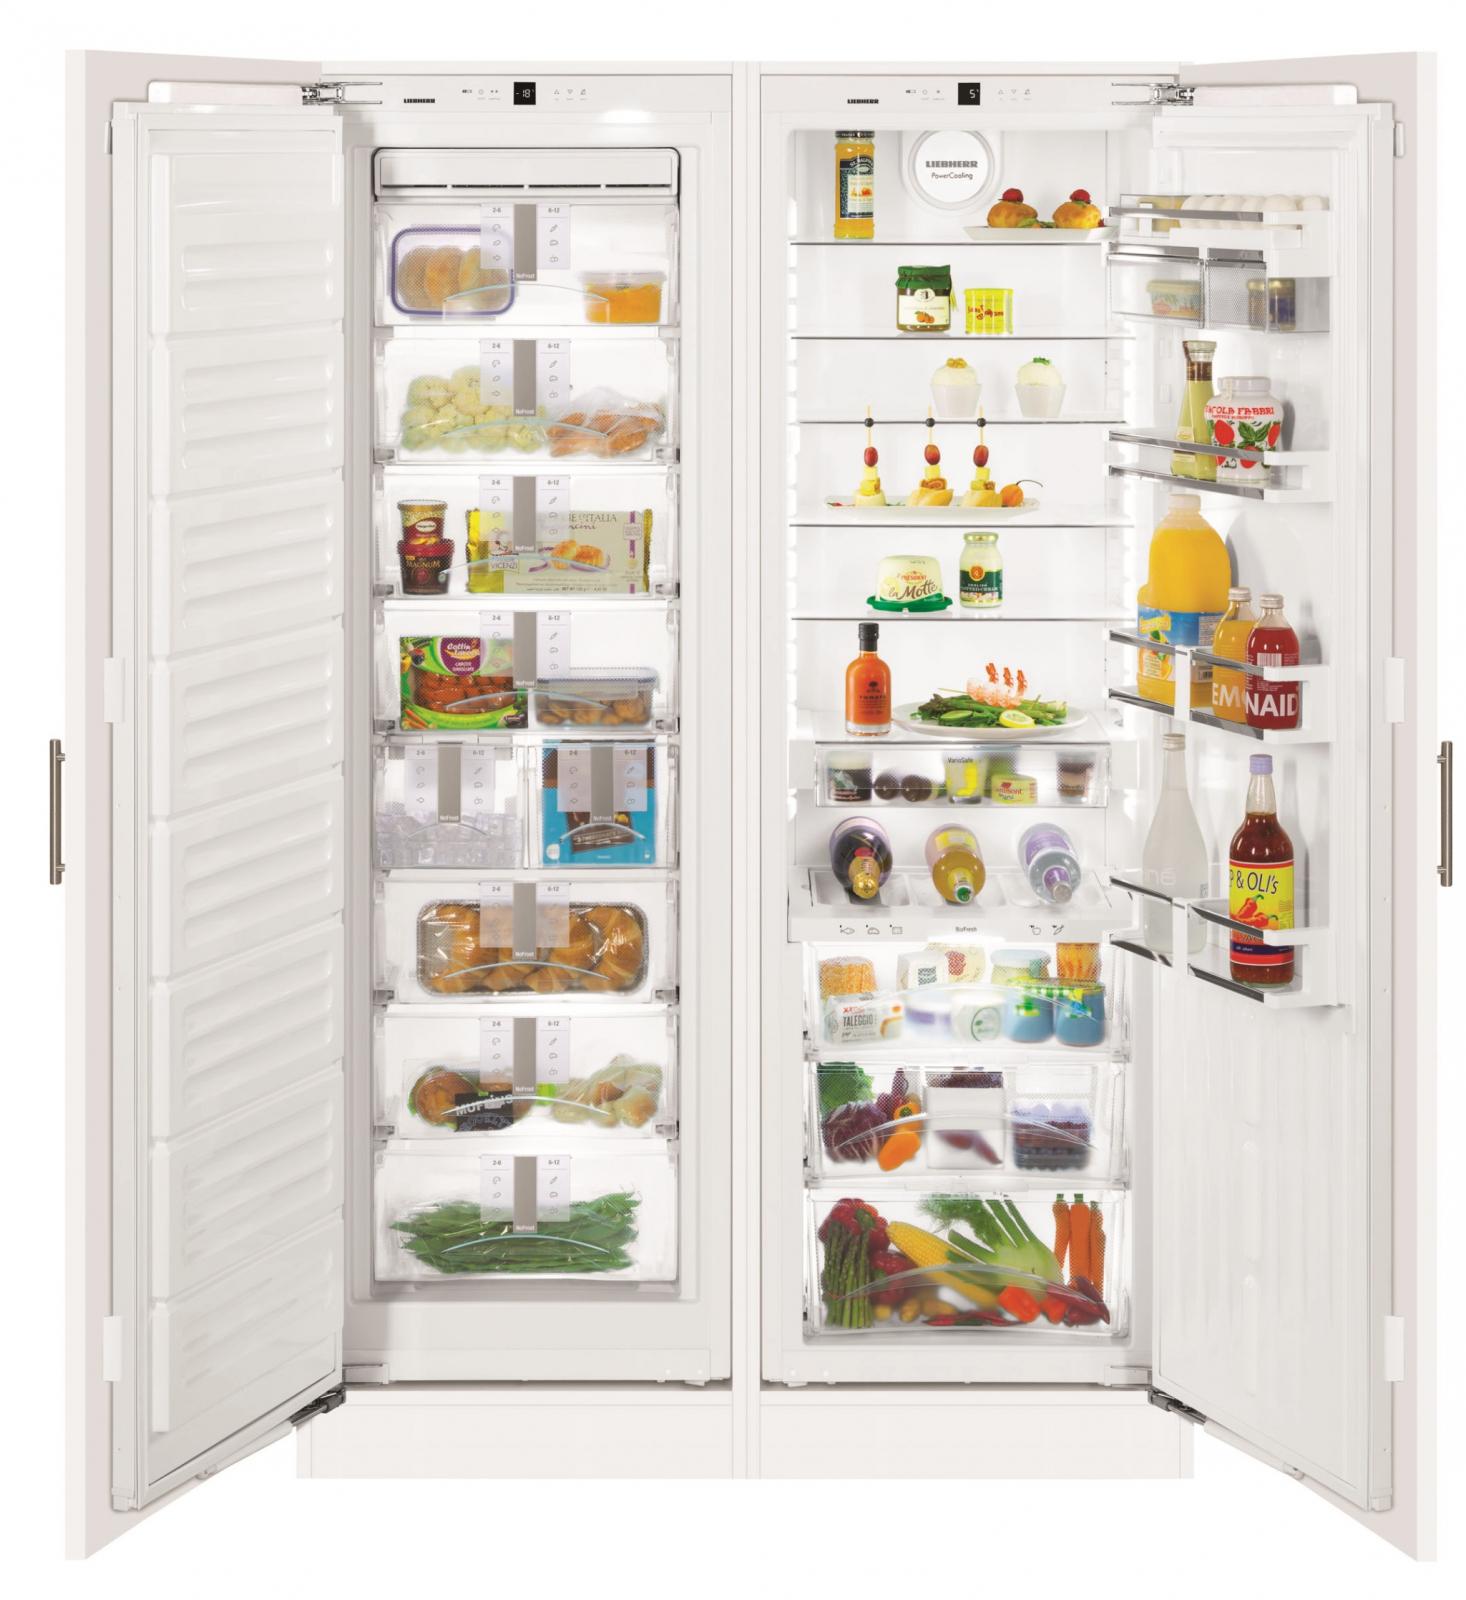 купить Встраиваемый холодильник Side by Side Liebherr SBS 70I4 21 Украина фото 0